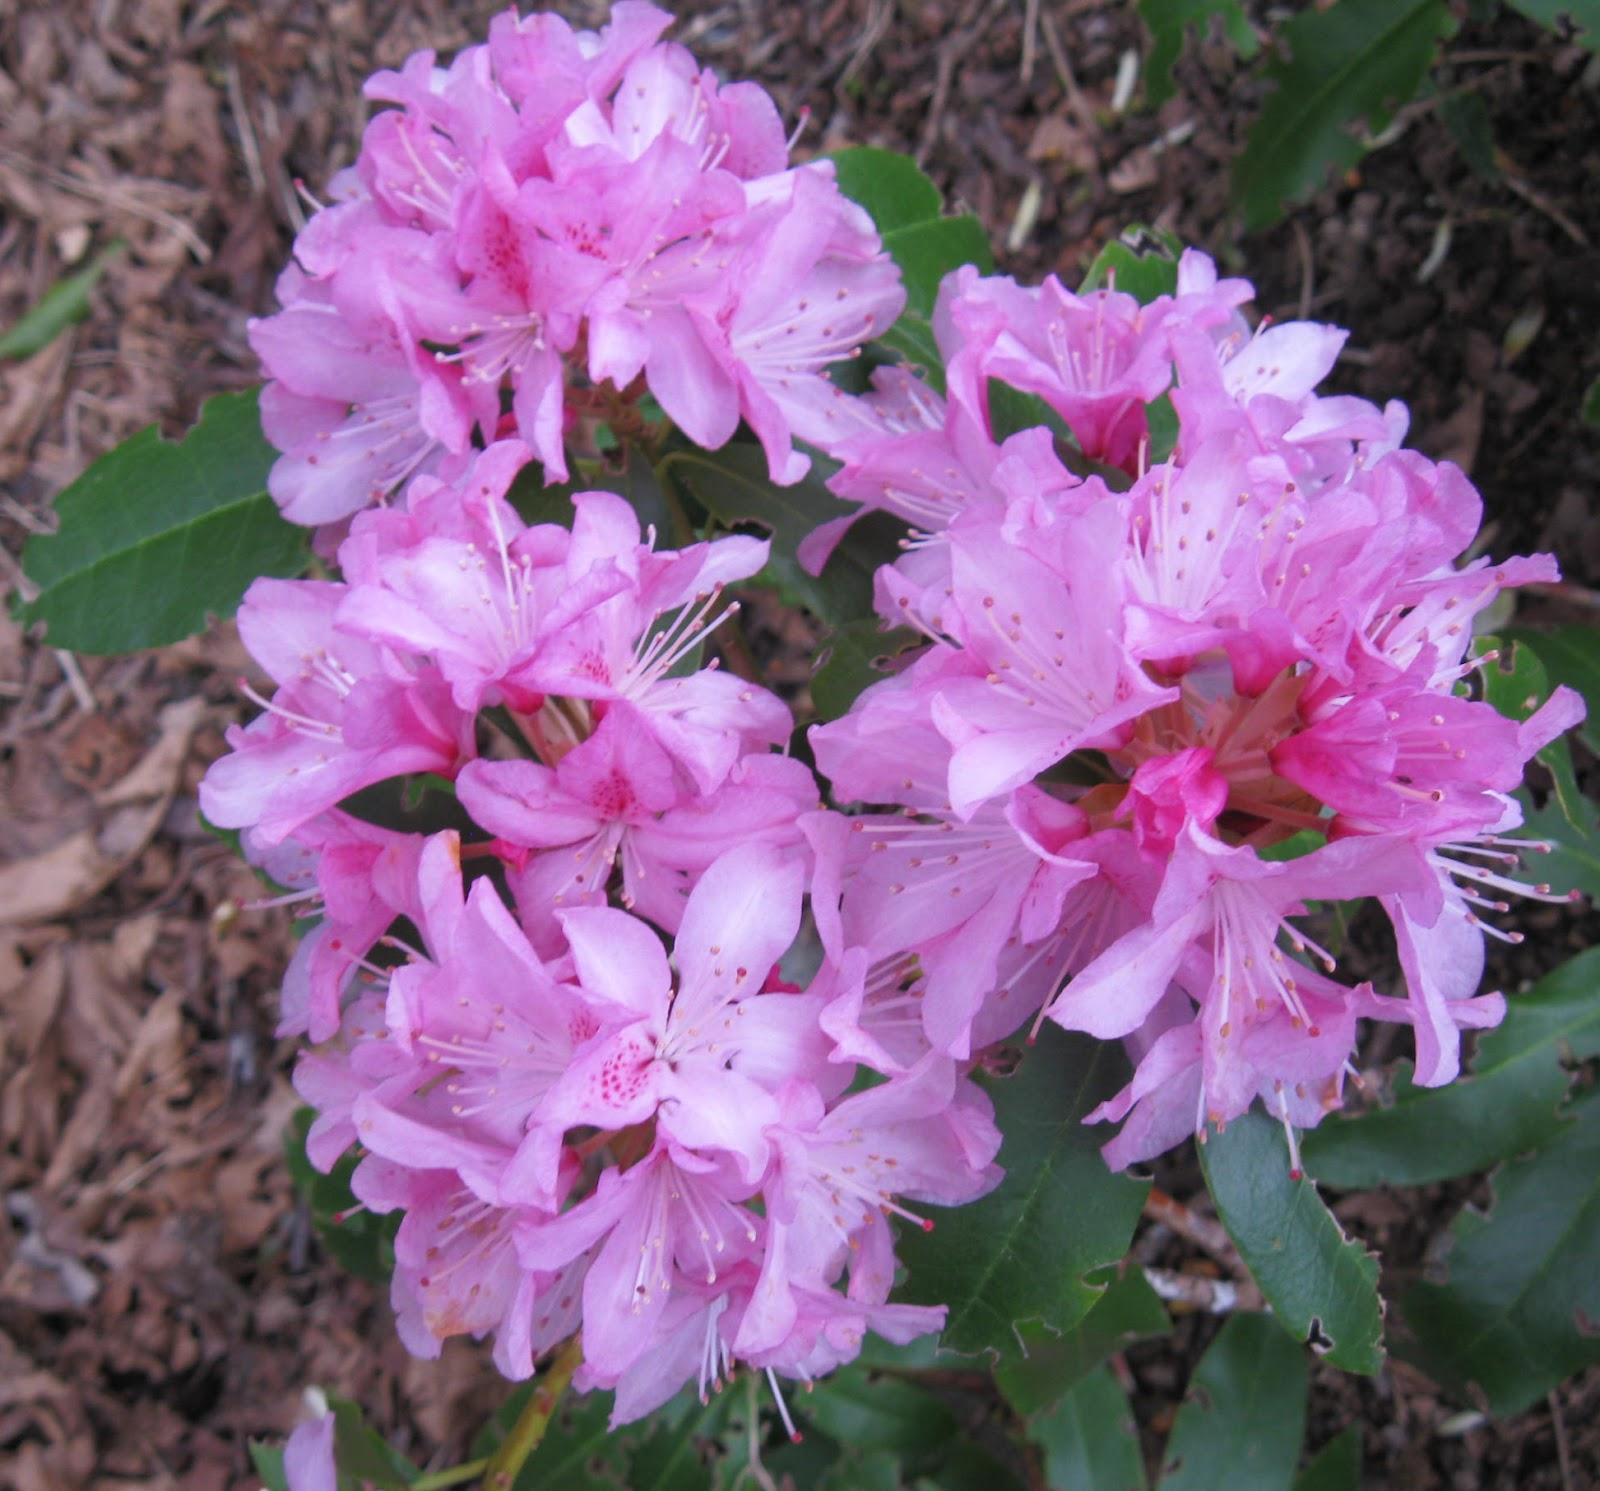 I O U Washington State Flower